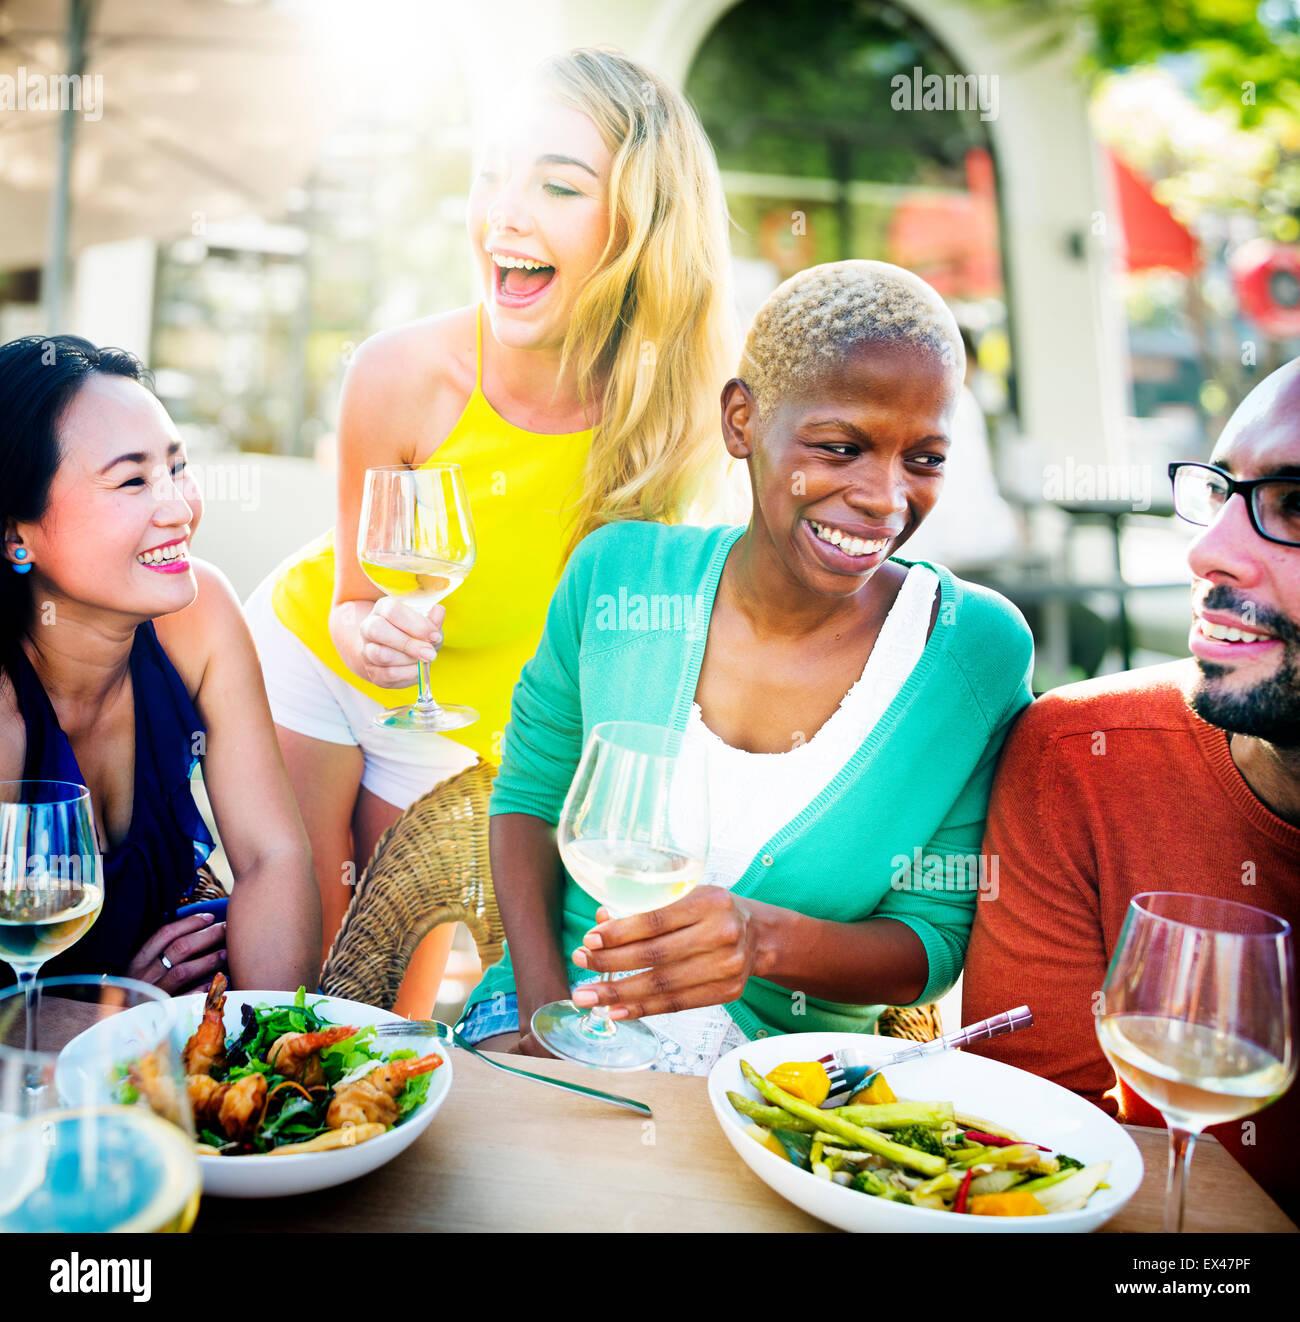 Déjeuner de diverses personnes en plein air concept alimentaire Photo Stock